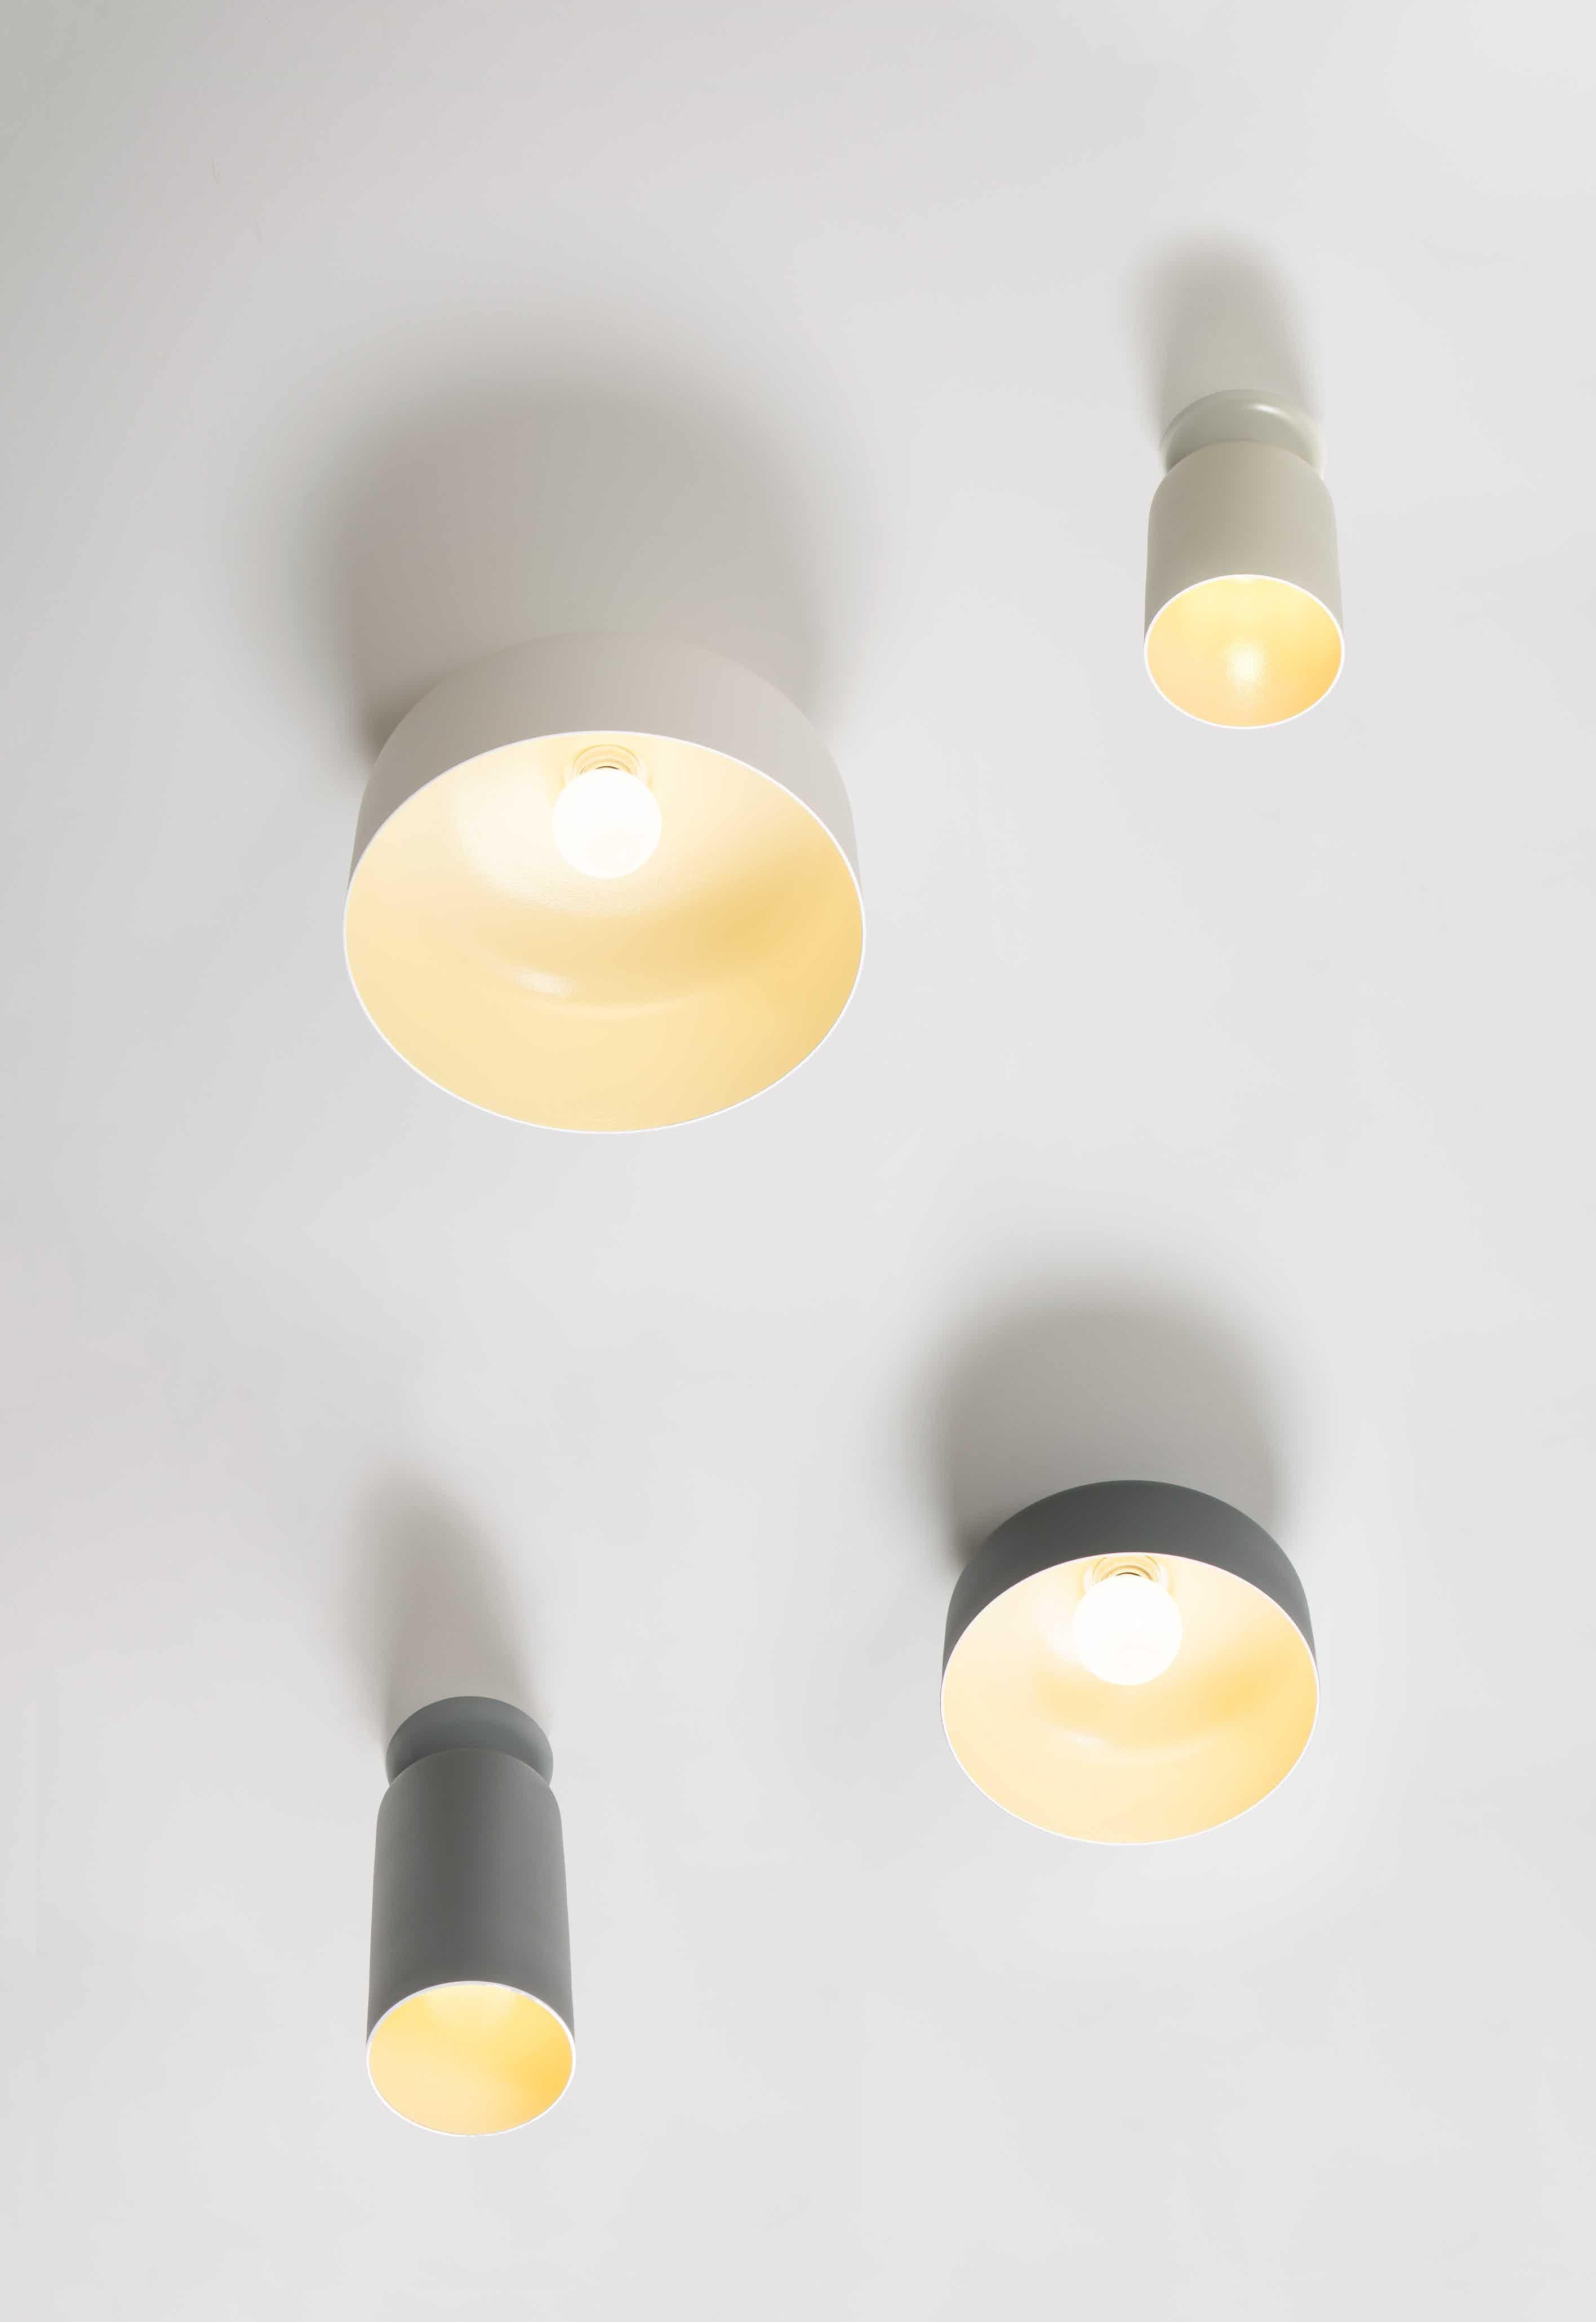 Andlight Spotlight Volumes Ceiling Wall Lukas Peet12